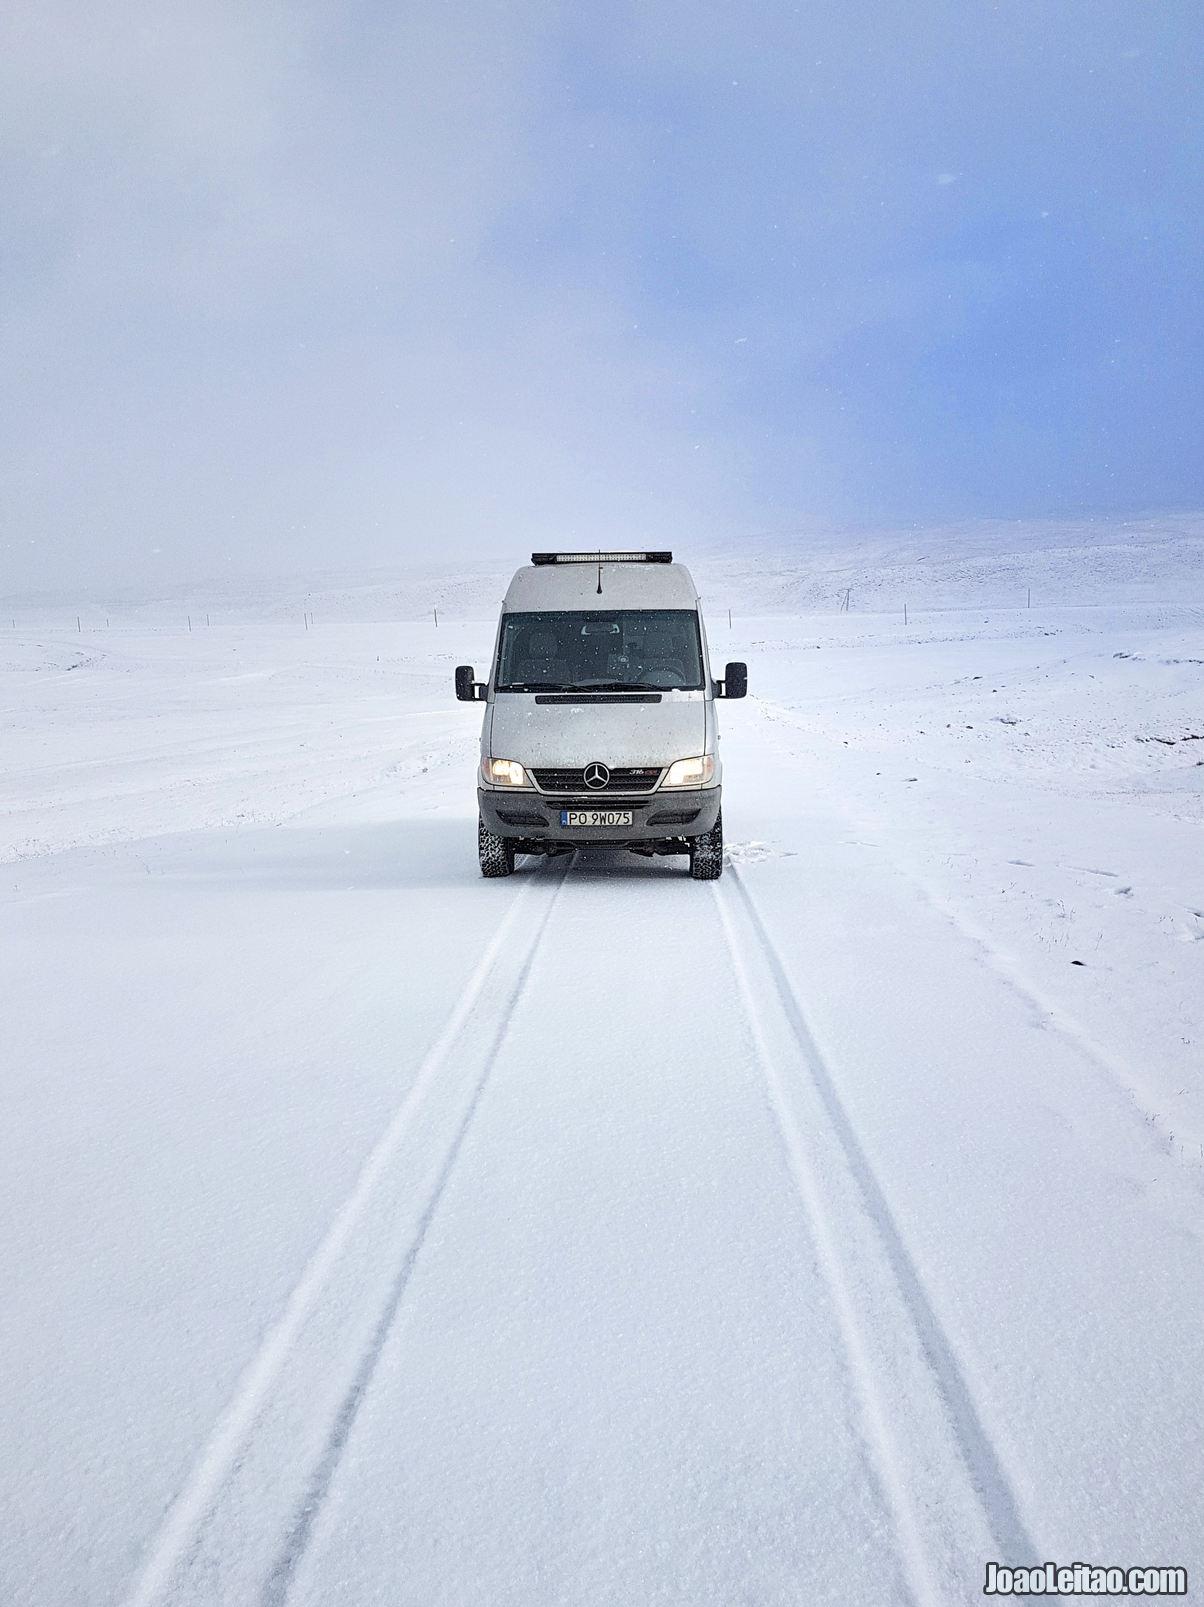 Proximo da fronteira com o Tajiquistao em Bor-Doda